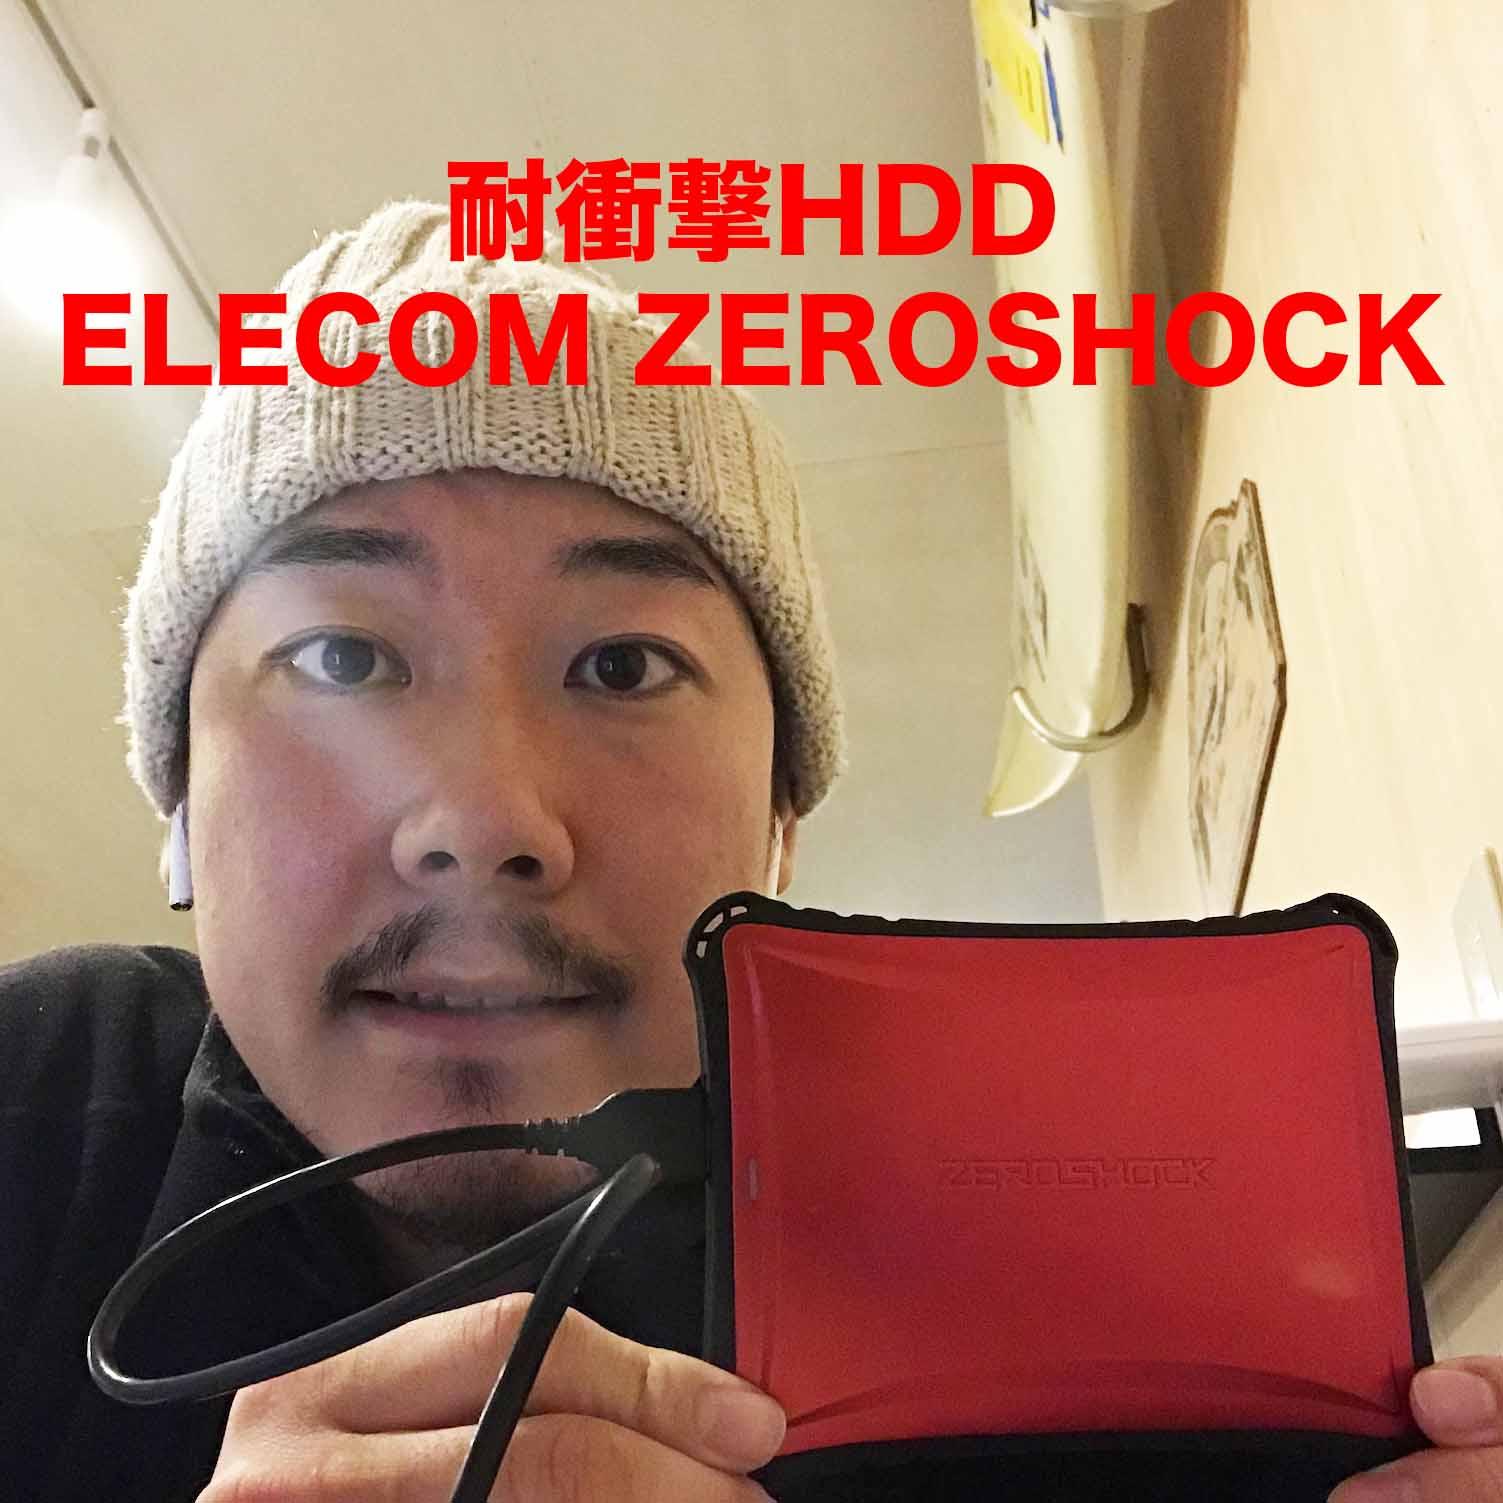 ELECOM 耐衝撃ポータブルHDD ZEROSHOCK ELP-ZSUご紹介